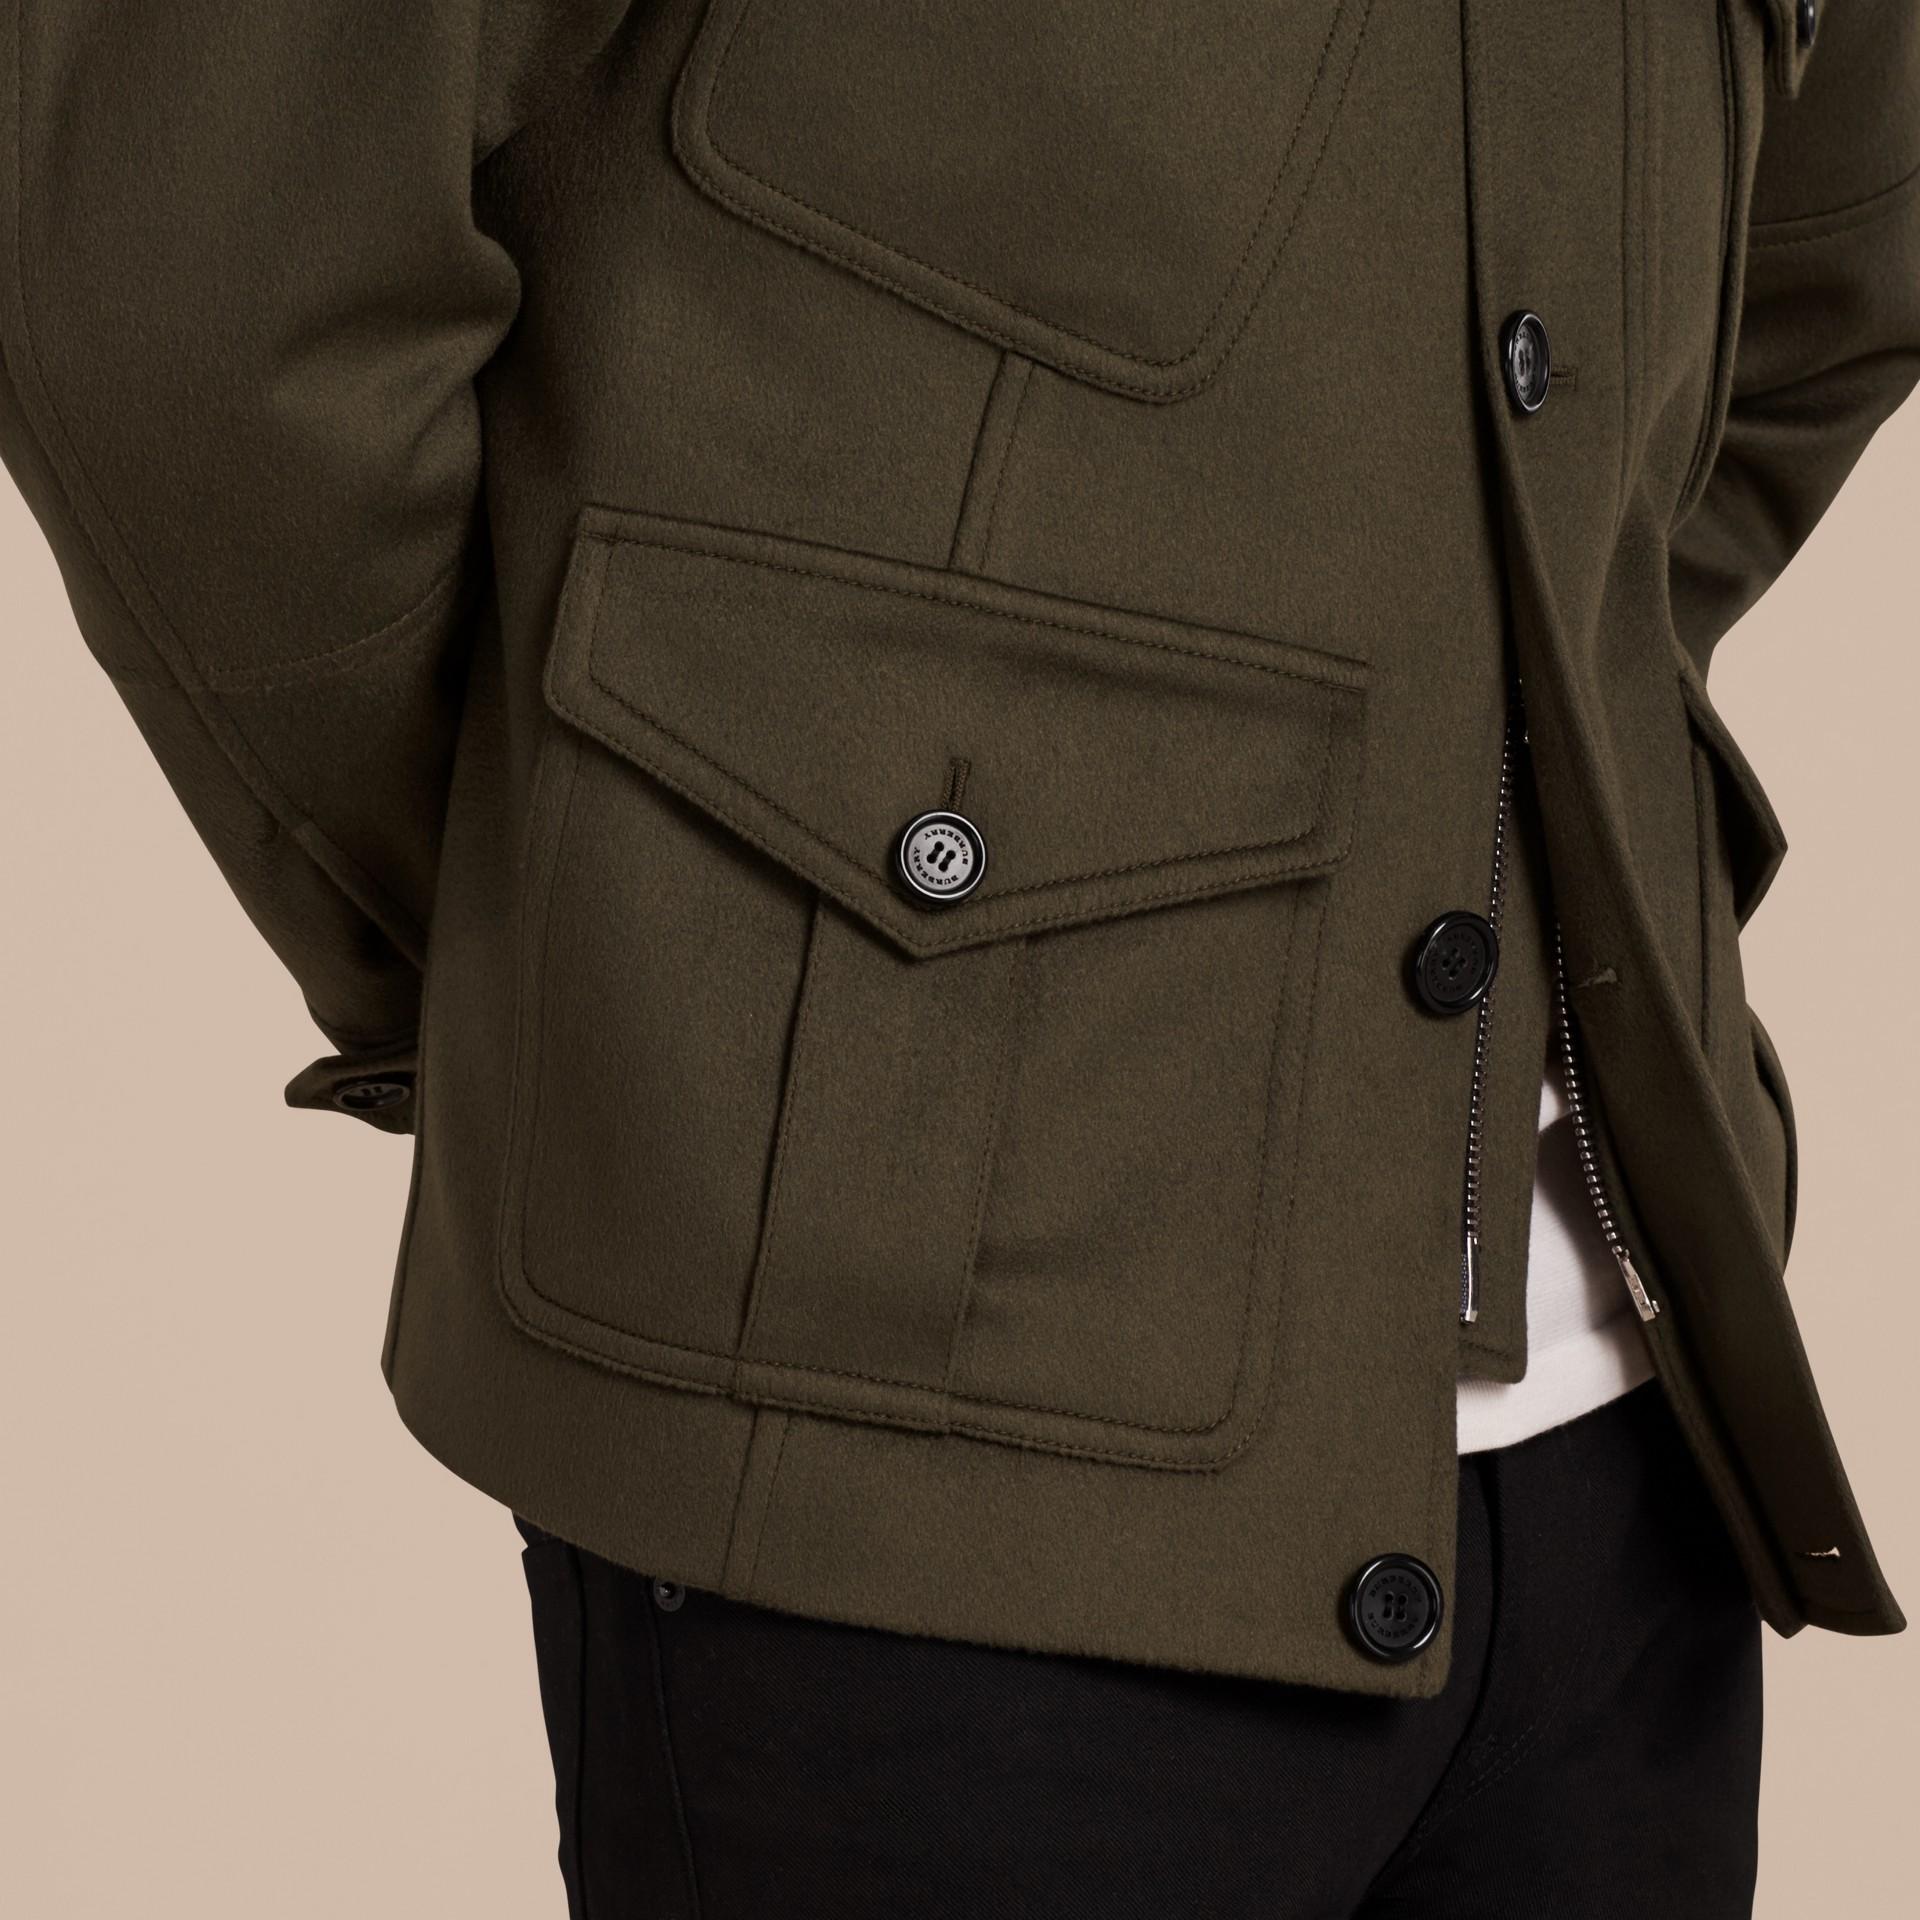 Vert sombre Veste utilitaire en cachemire avec surcol en shearling - photo de la galerie 6